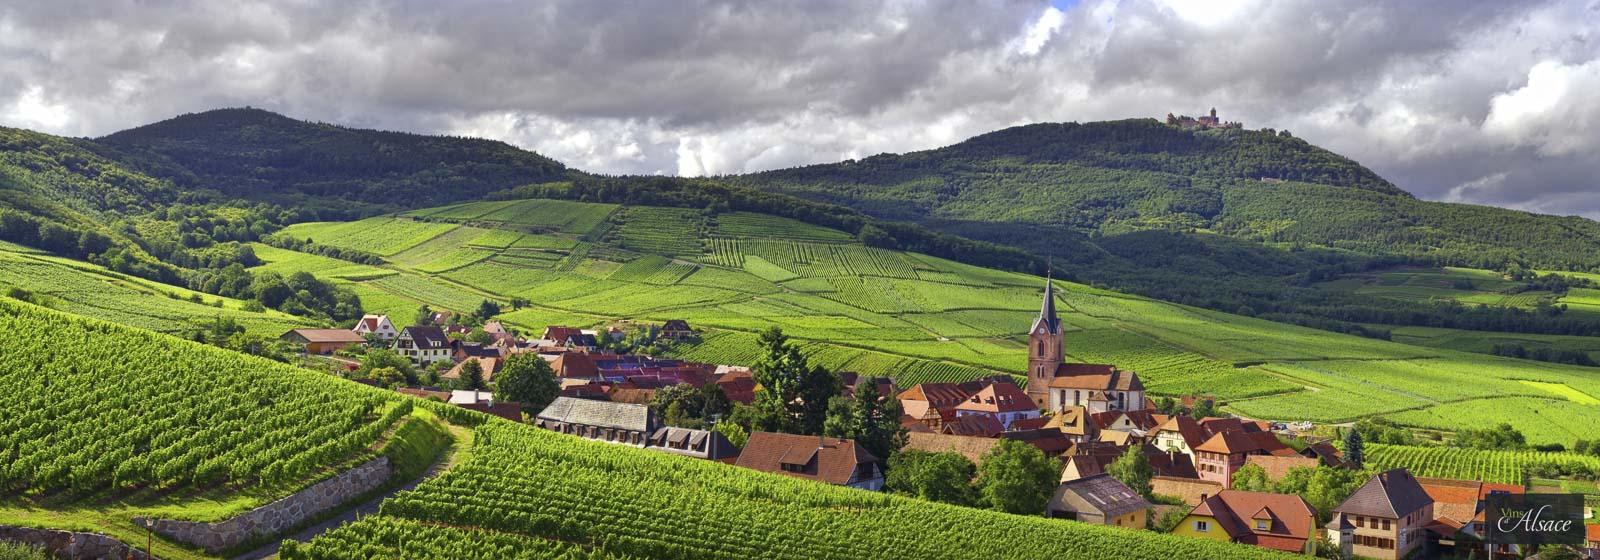 阿爾薩斯的 Rodern 村(©Vin d'Alsace)